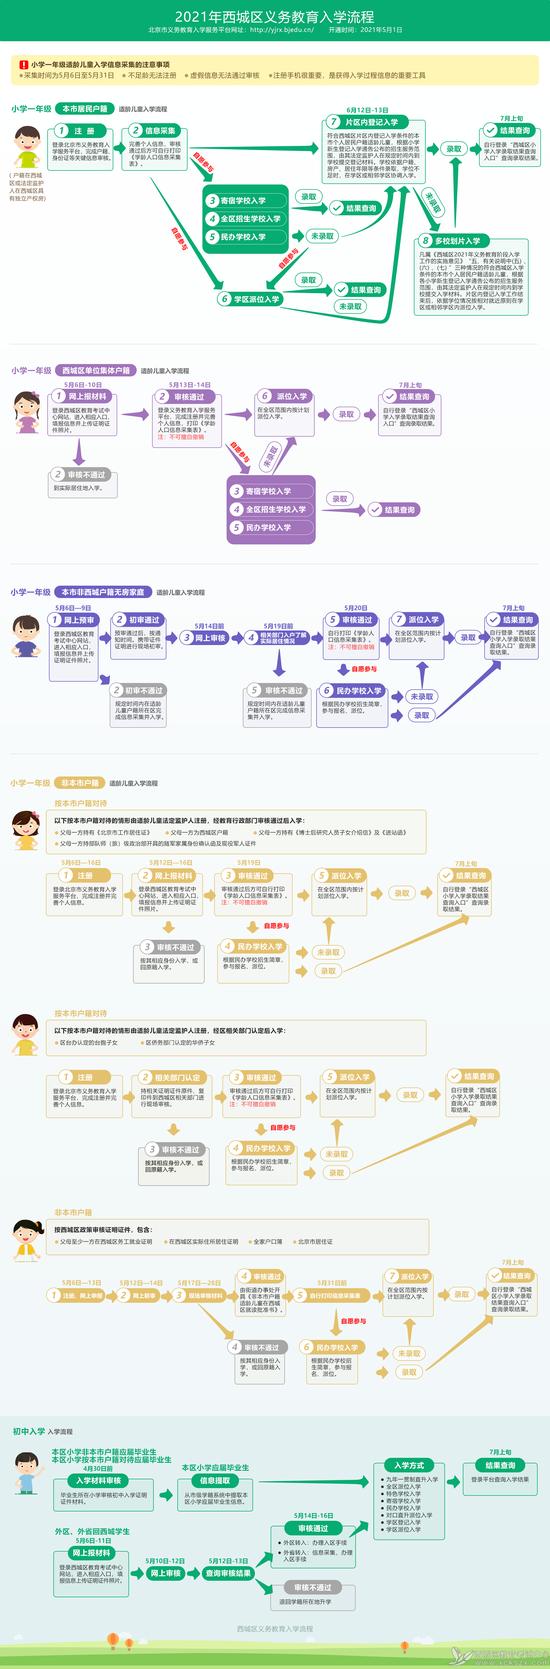 北京西城今年义务教育入学政策发布!严格执行多校划片图片